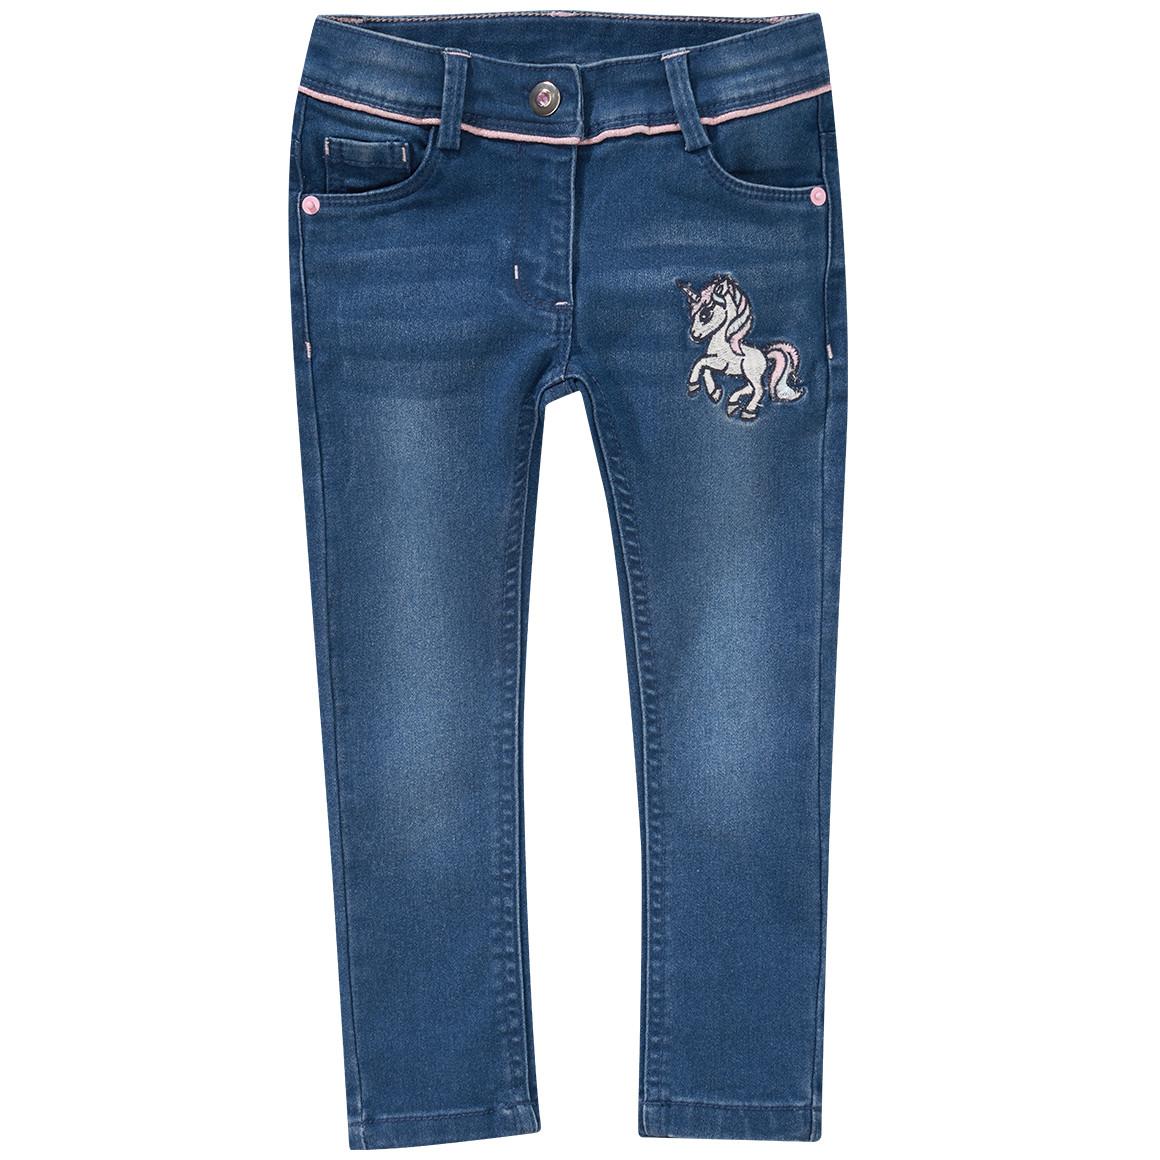 Minigirlhosen - Mädchen Skinny Jeans mit Einhorn Applikation - Onlineshop Ernstings family